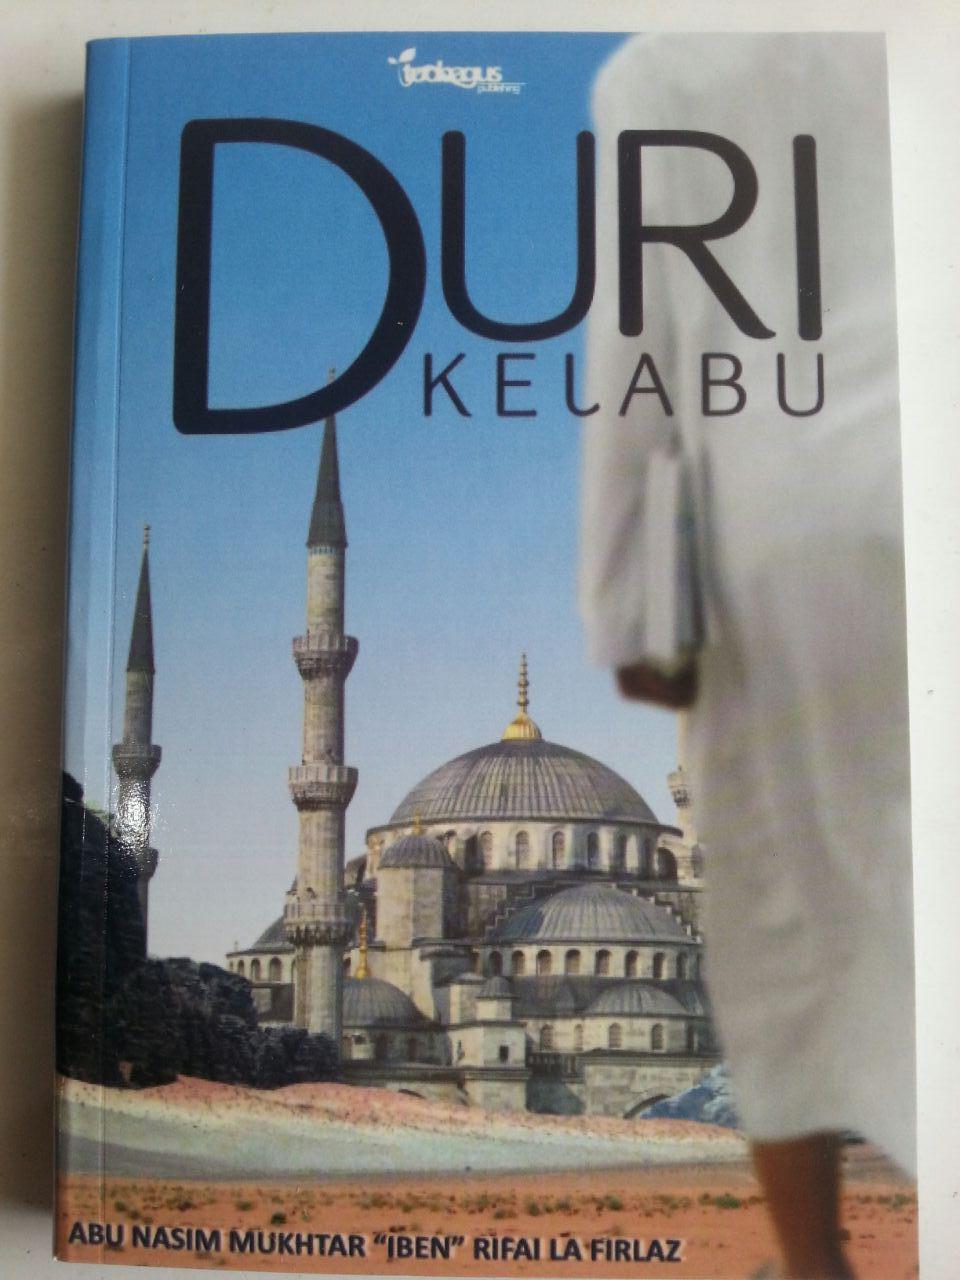 Buku Duri Kelabu Menuntut Ilmu Perjalanan Panjang Tanpa Batas cover 2